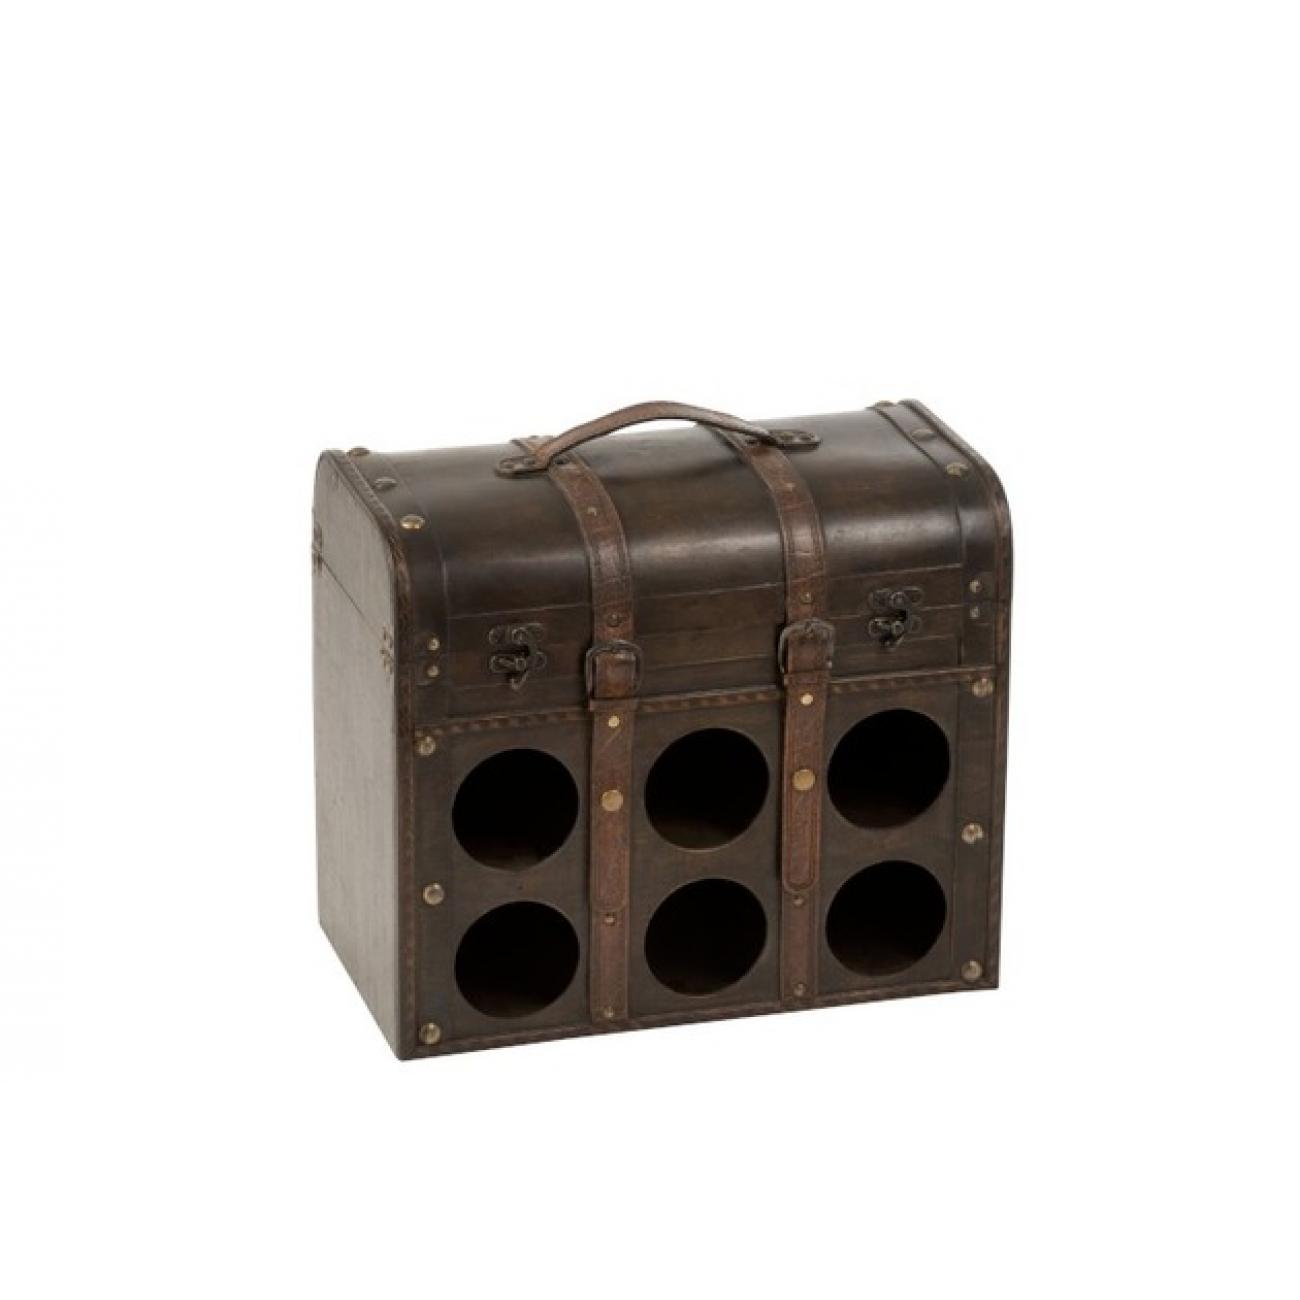 Сундук для хранения бутылок  J-LINE винный ящик на 6 бутылок коричневого цвета Бельгия